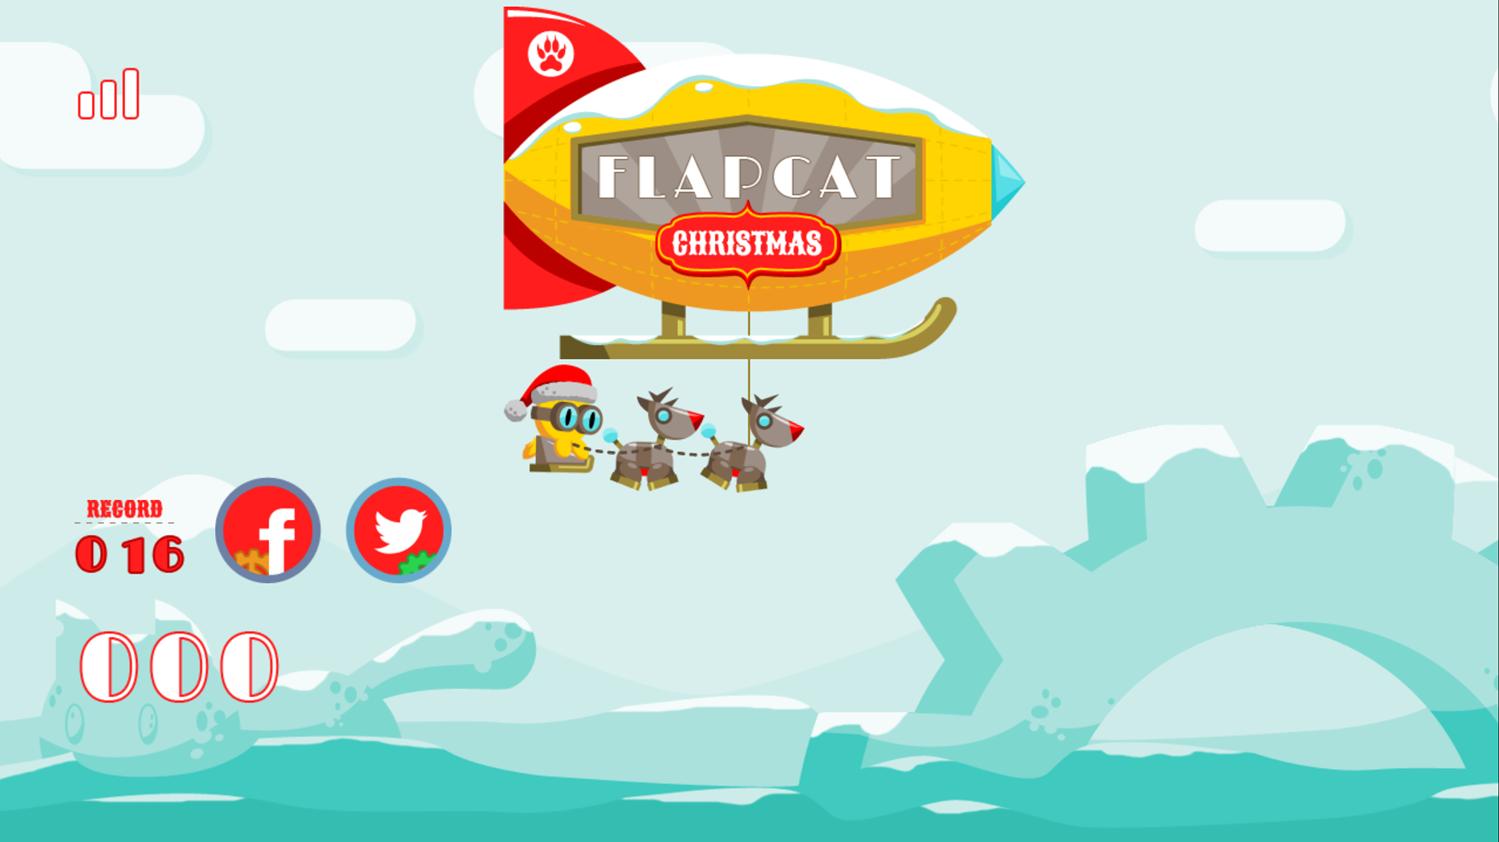 FlapCat Christmas Game Welcome Screenshot.